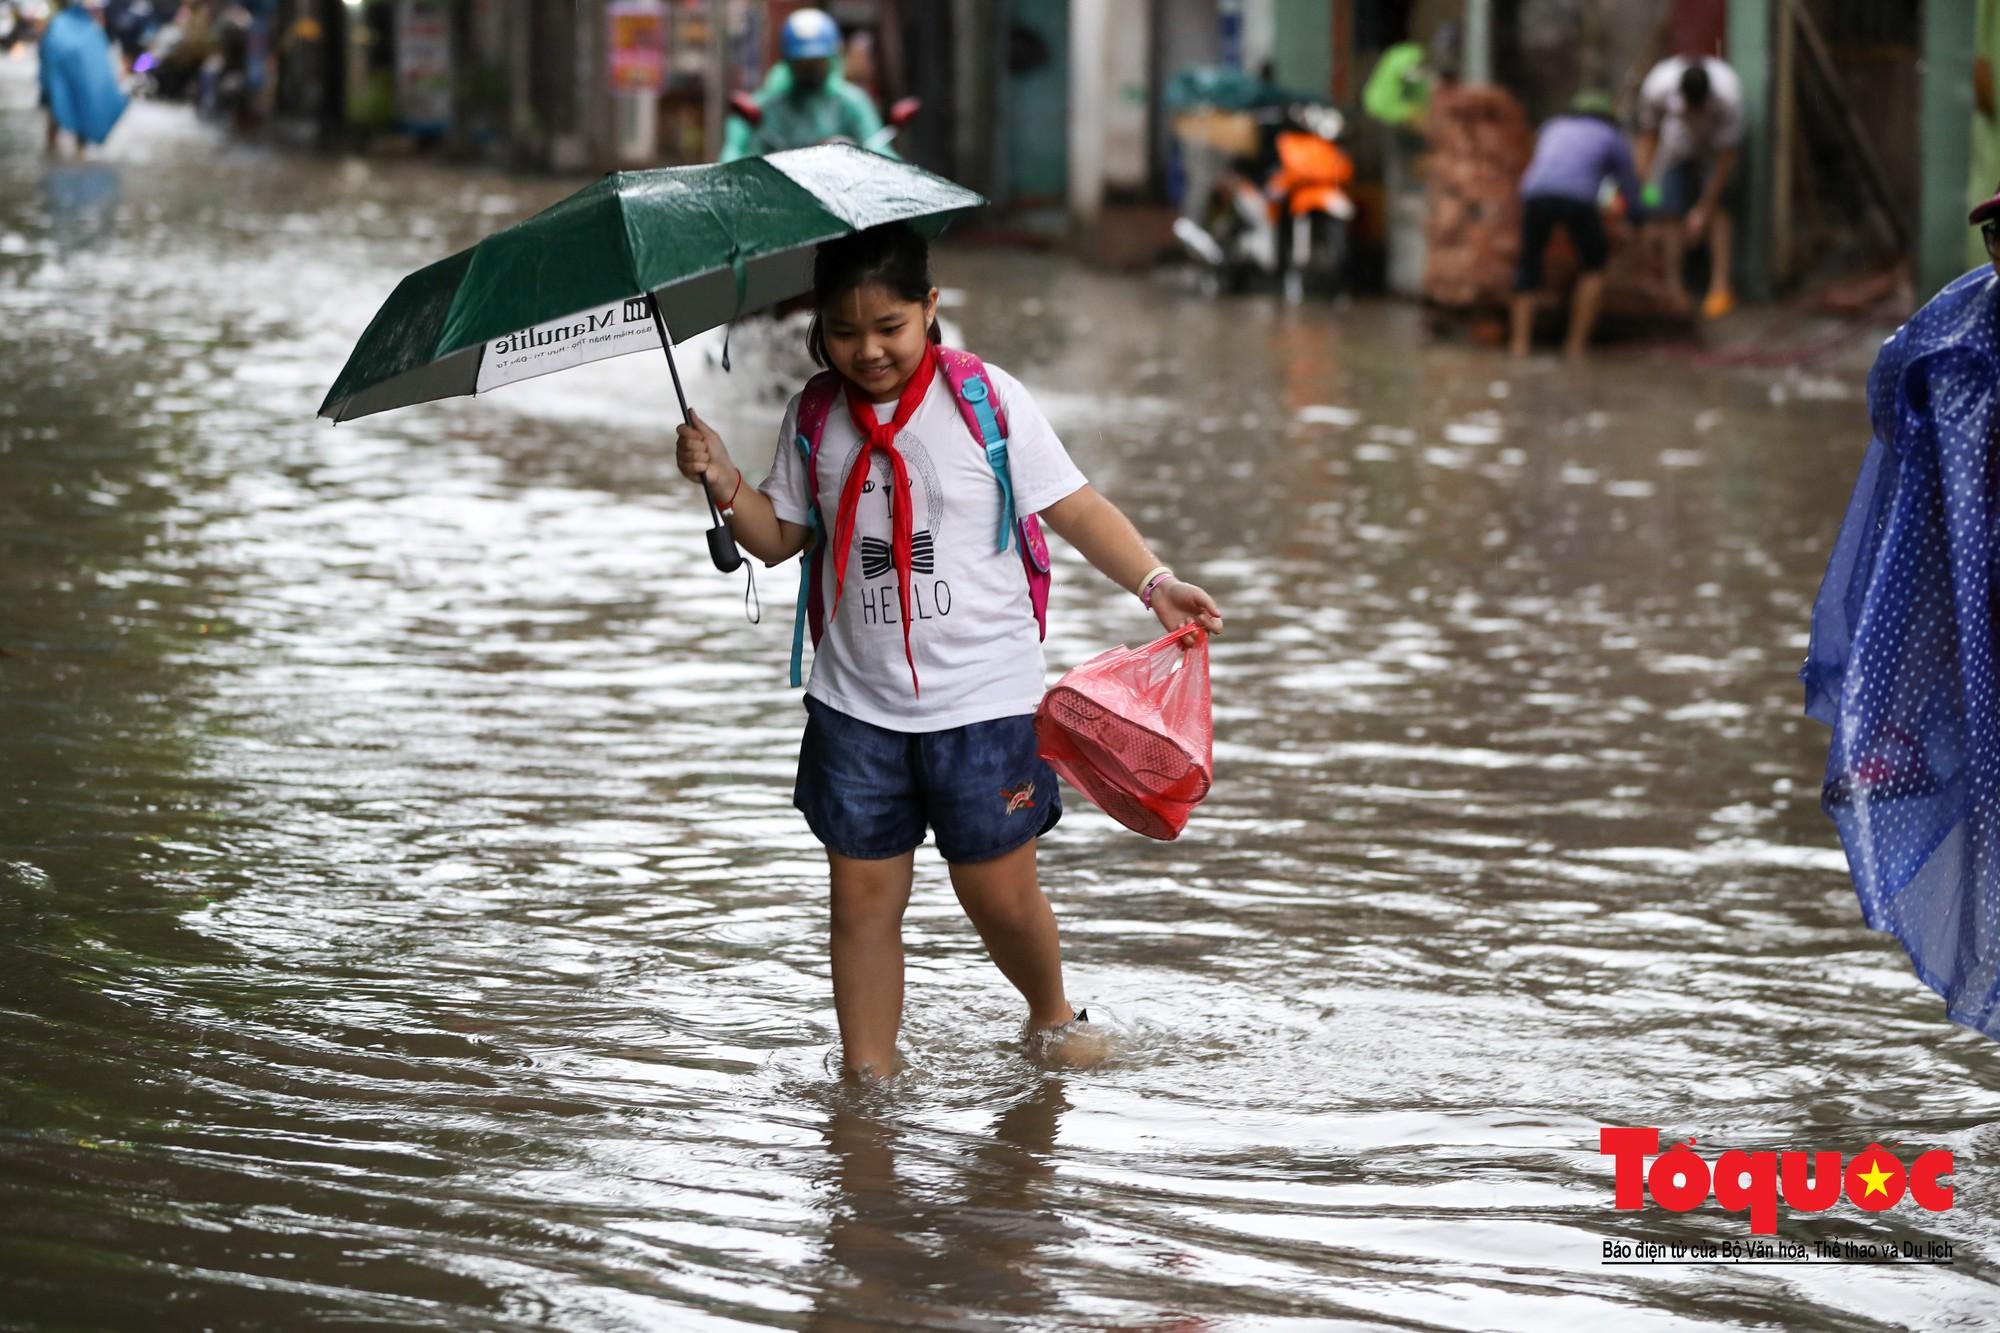 Hình ảnh xưa nay hiếm ở Thủ đô Hà Nội  cha mẹ cõng con vượt sông trong phố đến trường9